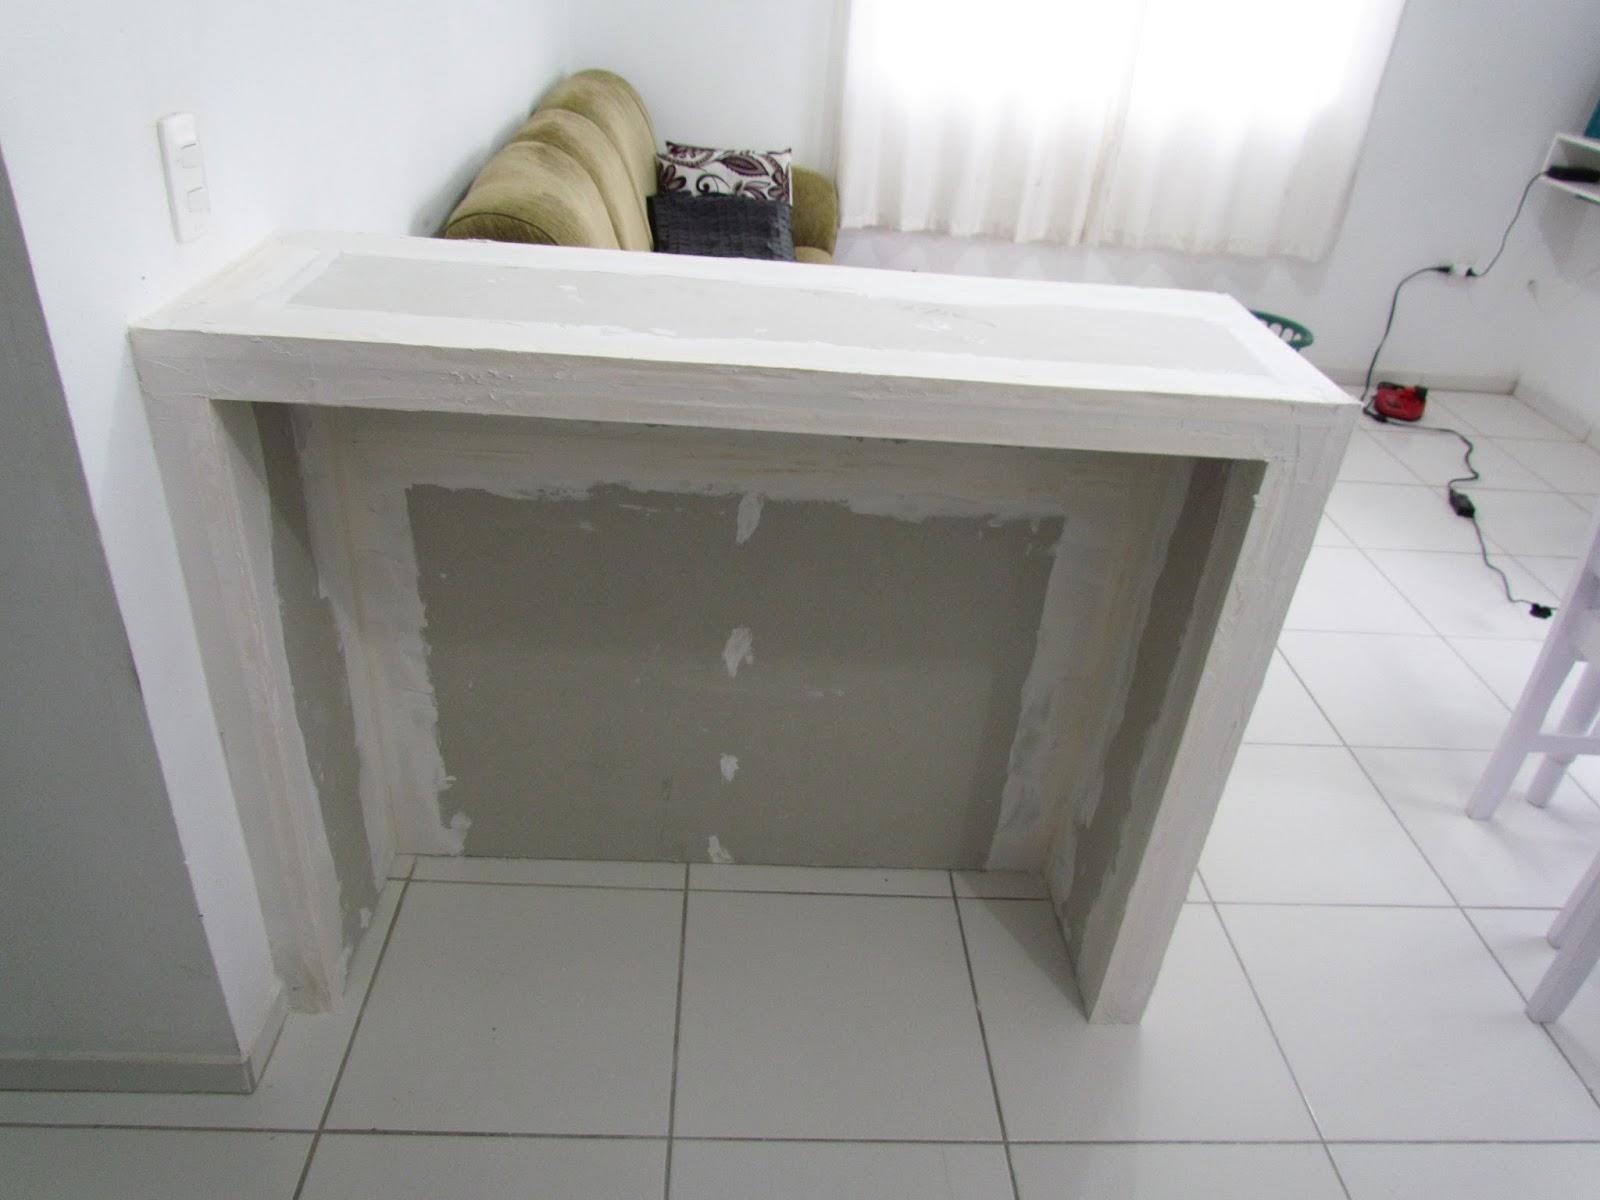 Aparador Para Fotos ~ Armario De Banheiro Em Drywall Liusn com ~ Obtenha uma imagem de idéias interessantes para o